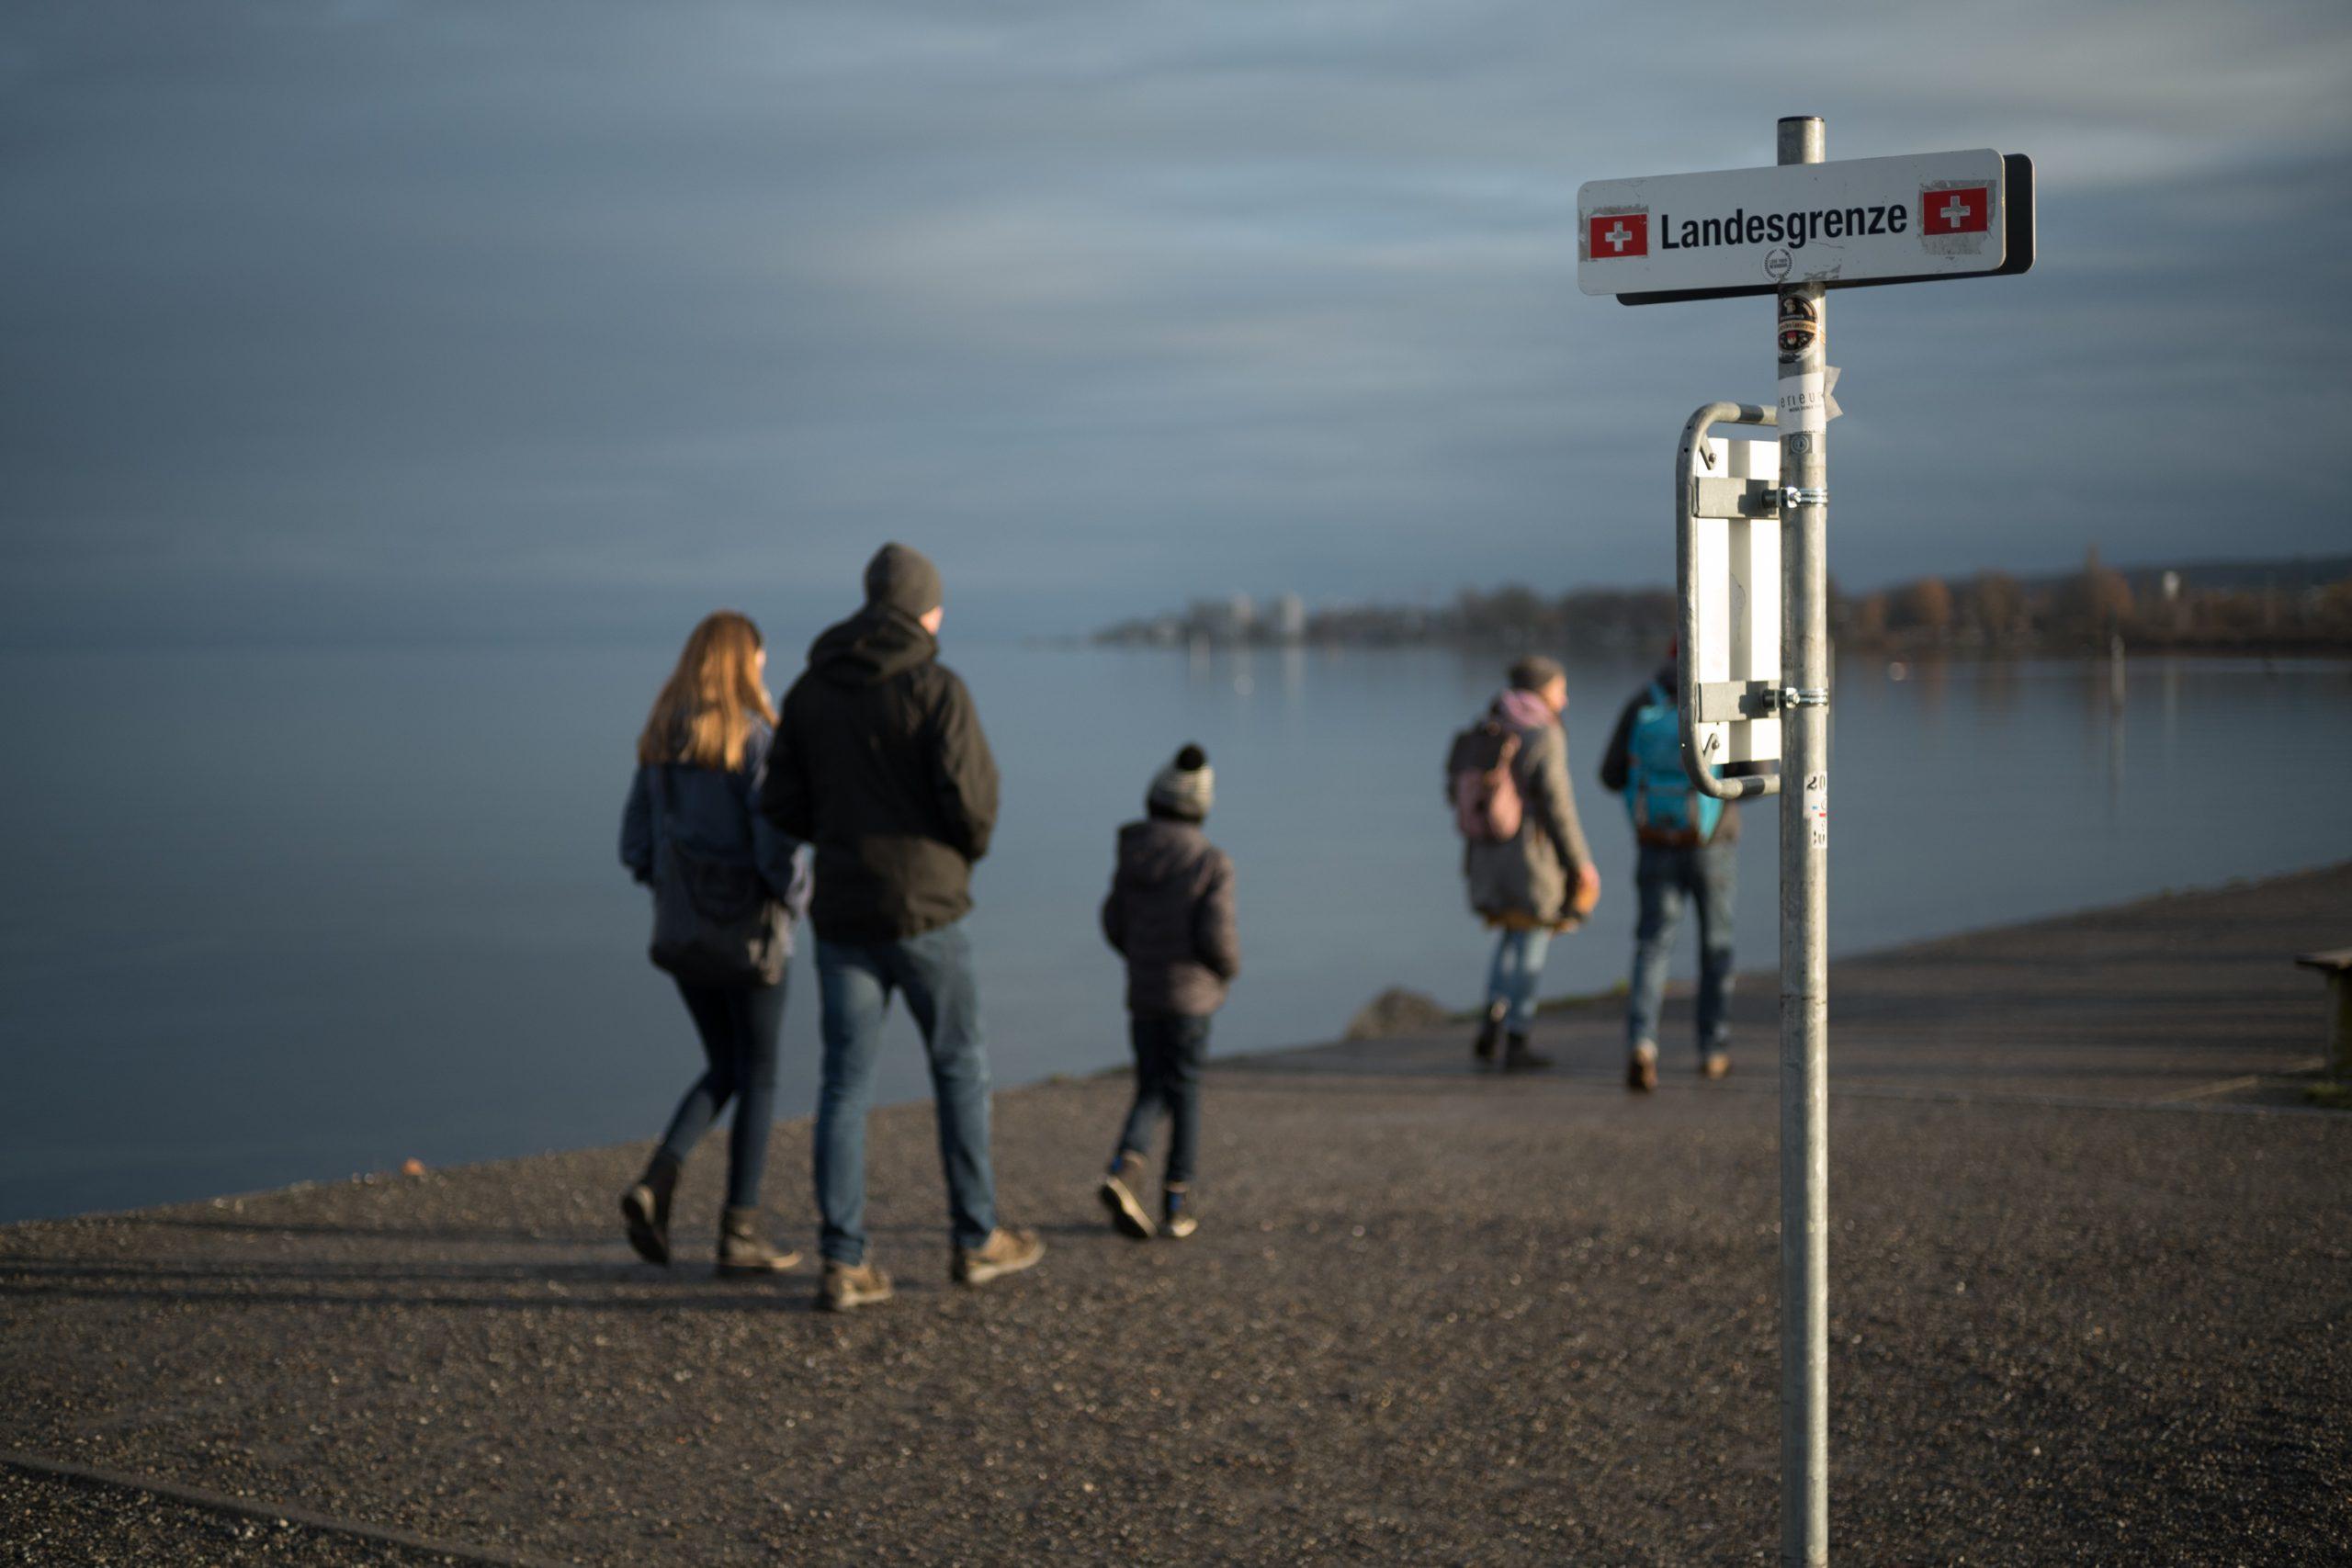 Zwischen Deutschland und Schweiz, zwischen Land und See, zwischen Normalität und Kreise. Der Sonntag vor dem zweiten Lockdown. Konica M-Hexanon 50/2 an Leica SL.